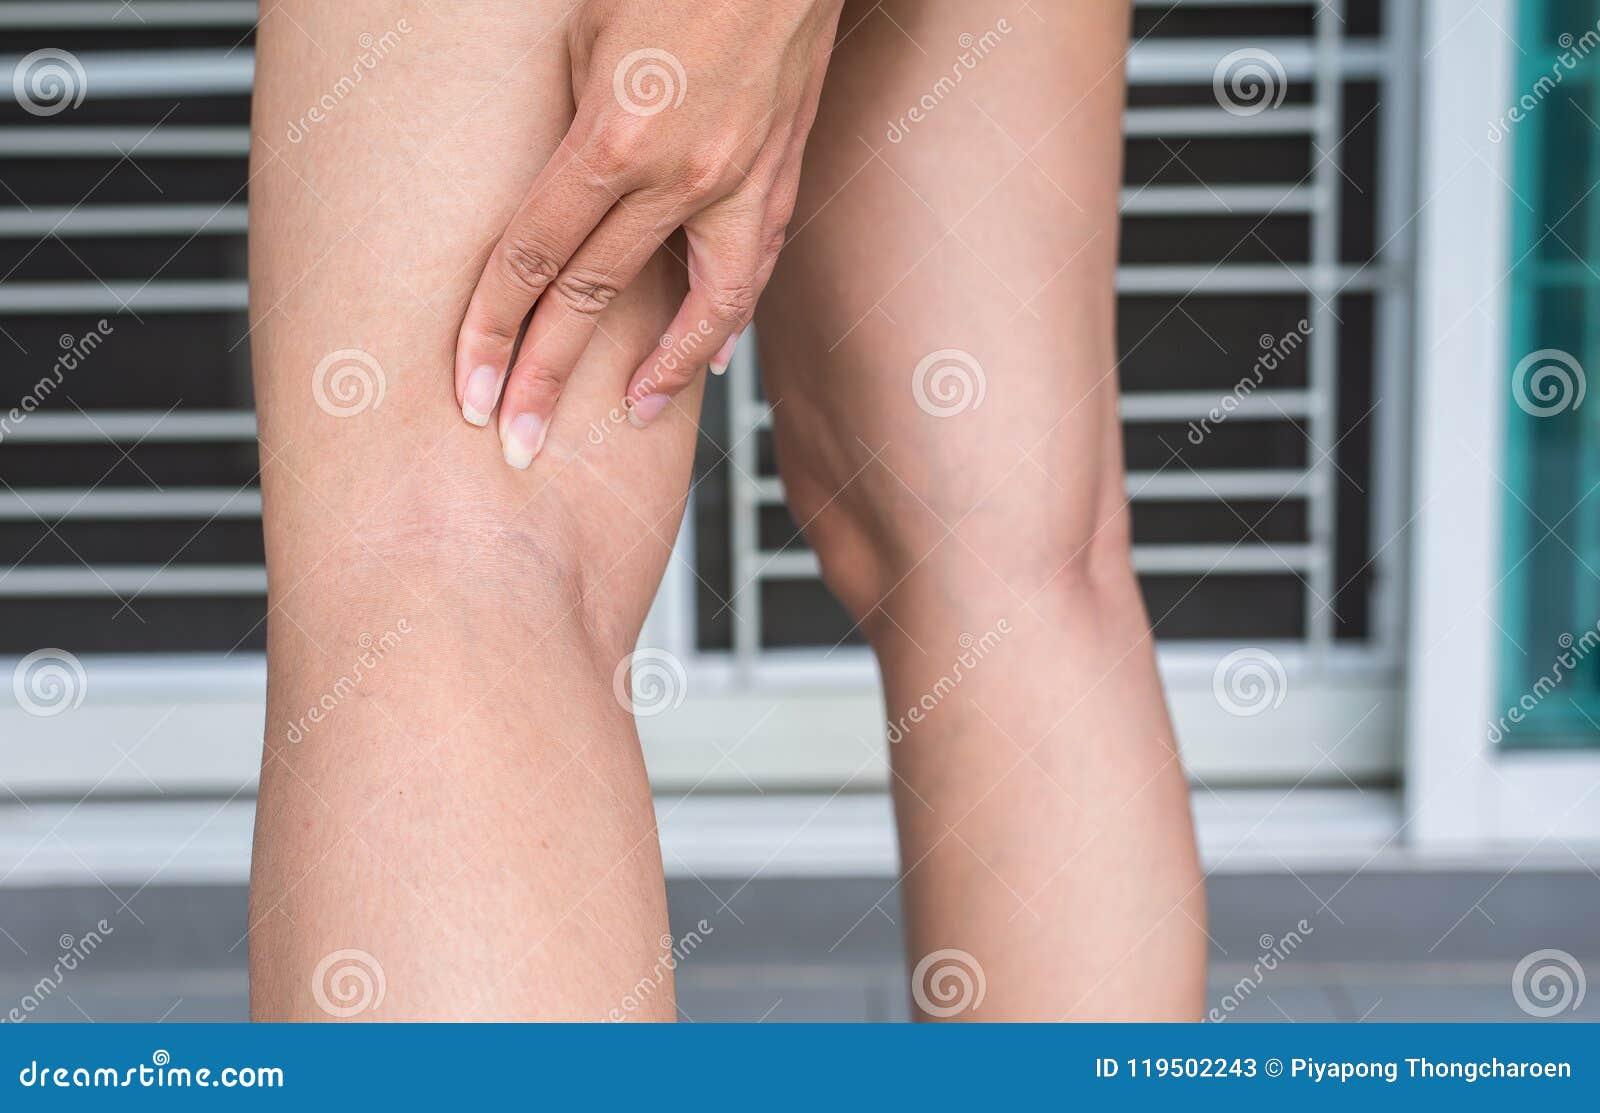 在妇女腿的静脉曲张,在皮肤层数附近的正常静脉鼓起